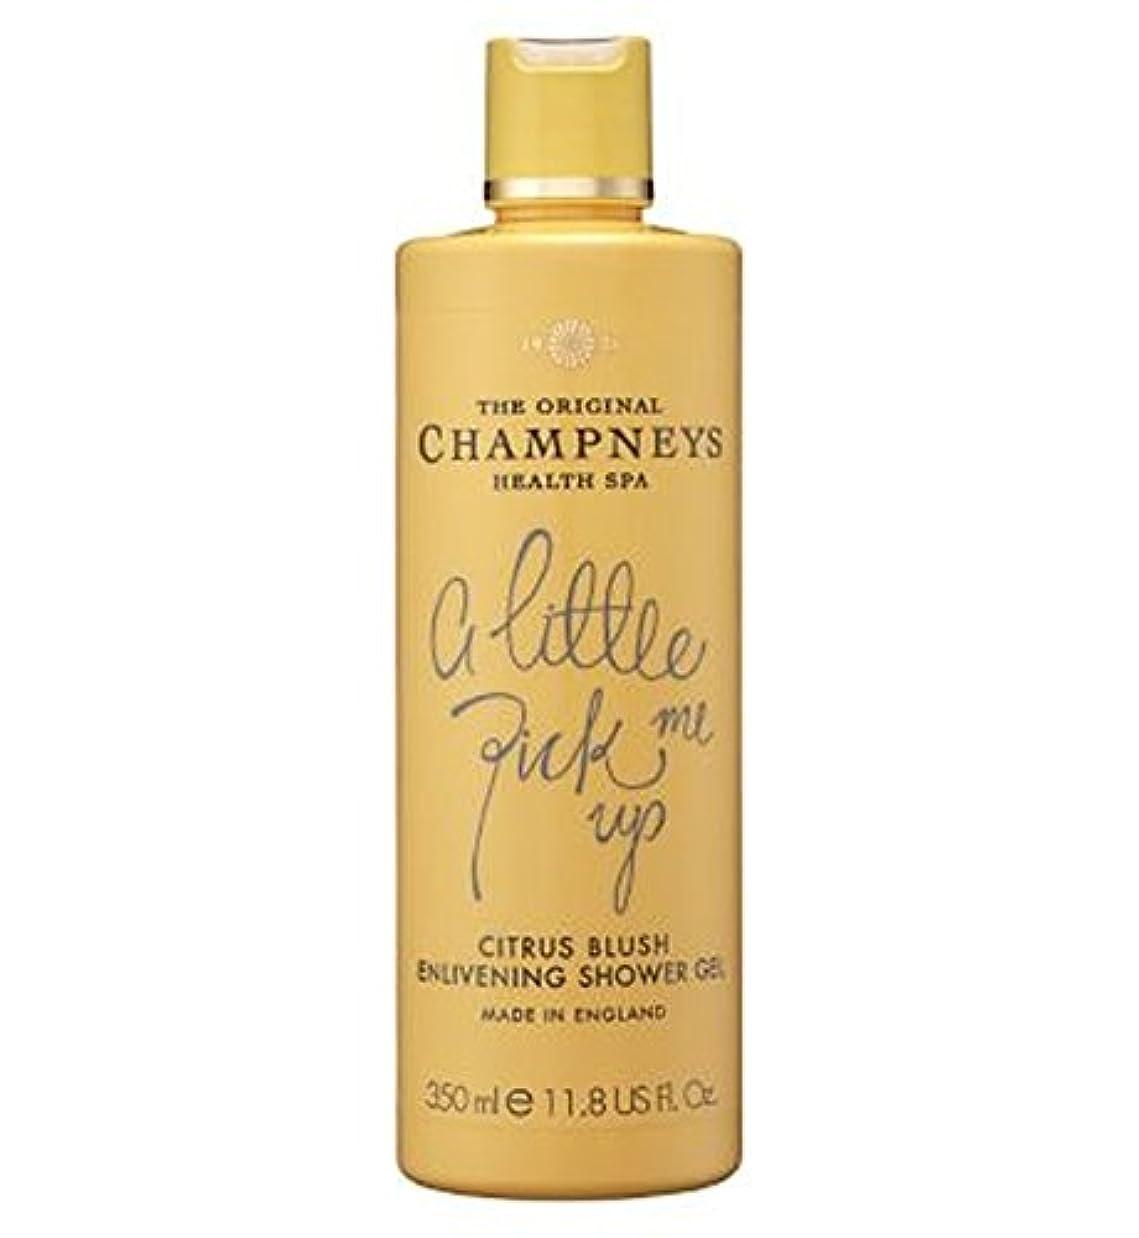 財団和らげる第Champneys Citrus Blush Enlivening Shower Gel 350ml - チャンプニーズシトラス赤面盛り上げシャワージェル350ミリリットル (Champneys) [並行輸入品]